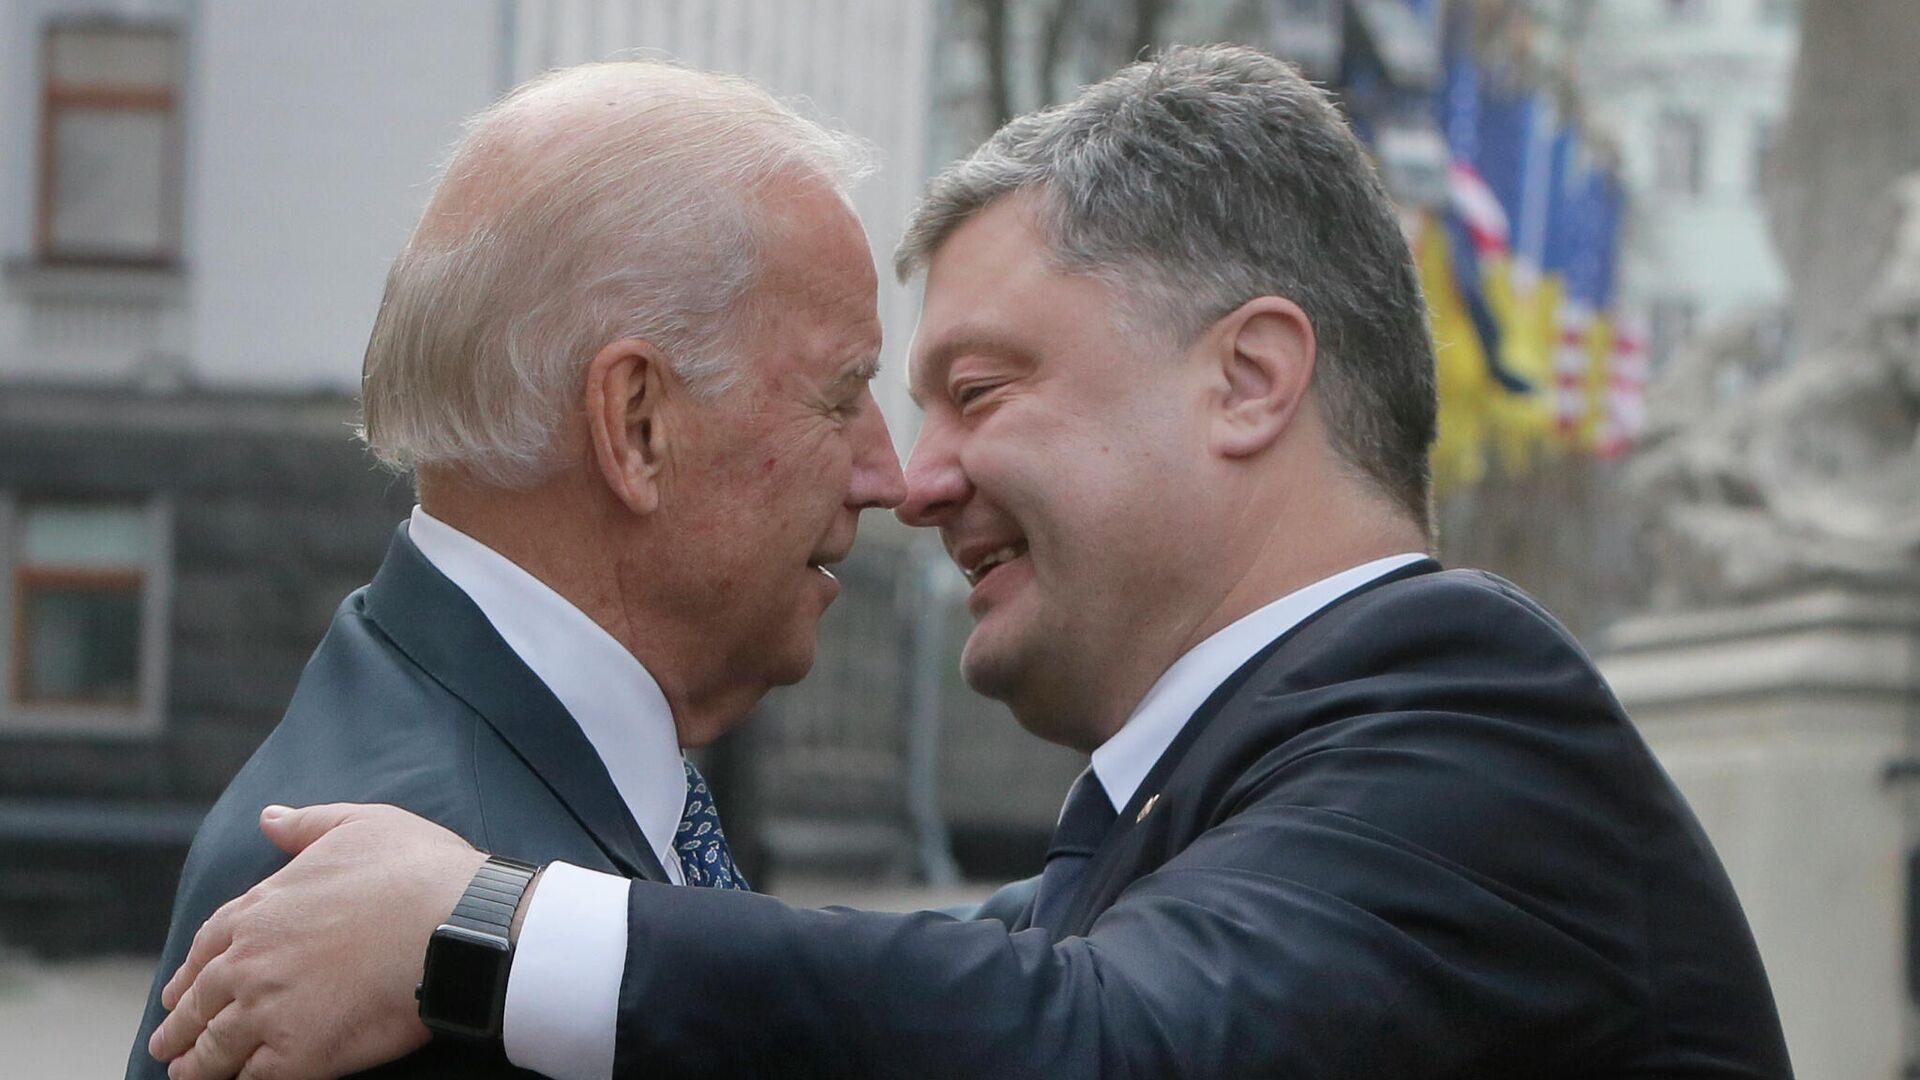 Президент Украины Петр Порошенко и вице-президент США Джо Байден во время встречи в Киеве, 7 декабря 2015 года - РИА Новости, 1920, 16.09.2020